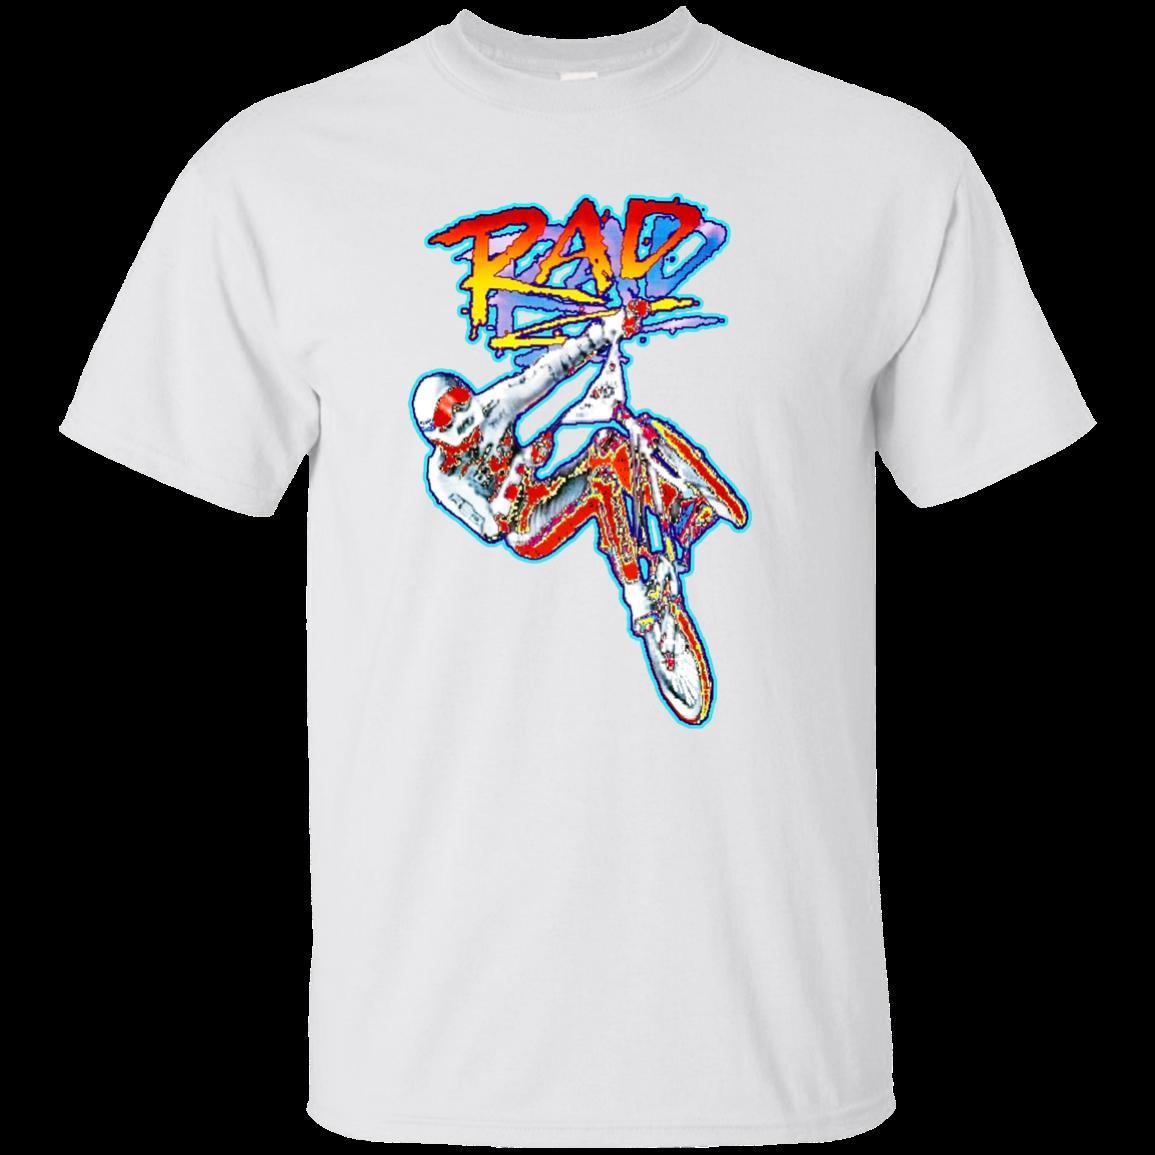 Rad Freestyler BMX Movie Freestyle Biker trick jump - T-Shirt